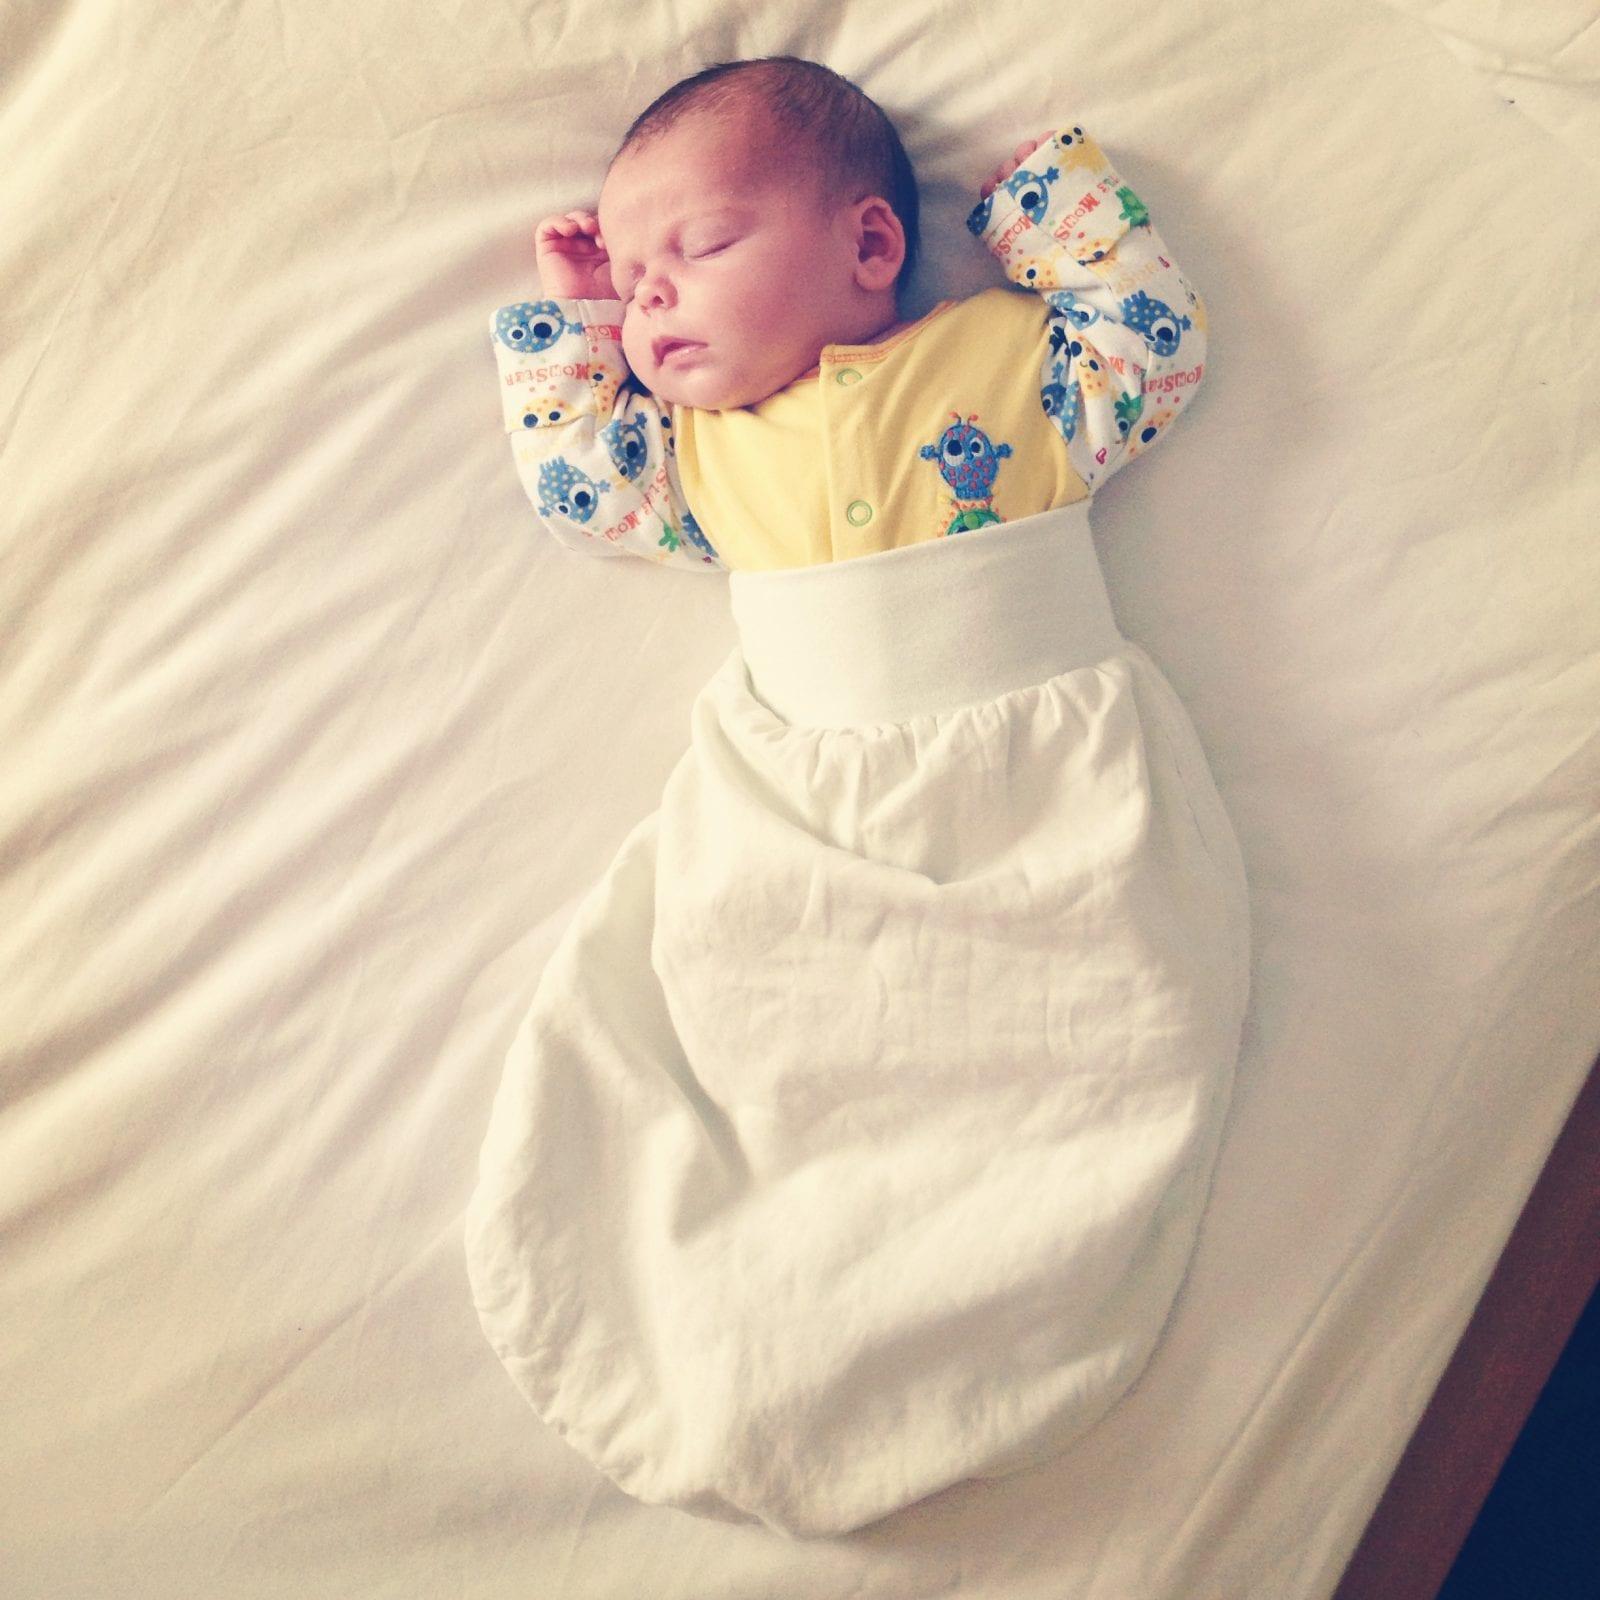 Newborn baby boy tumblr